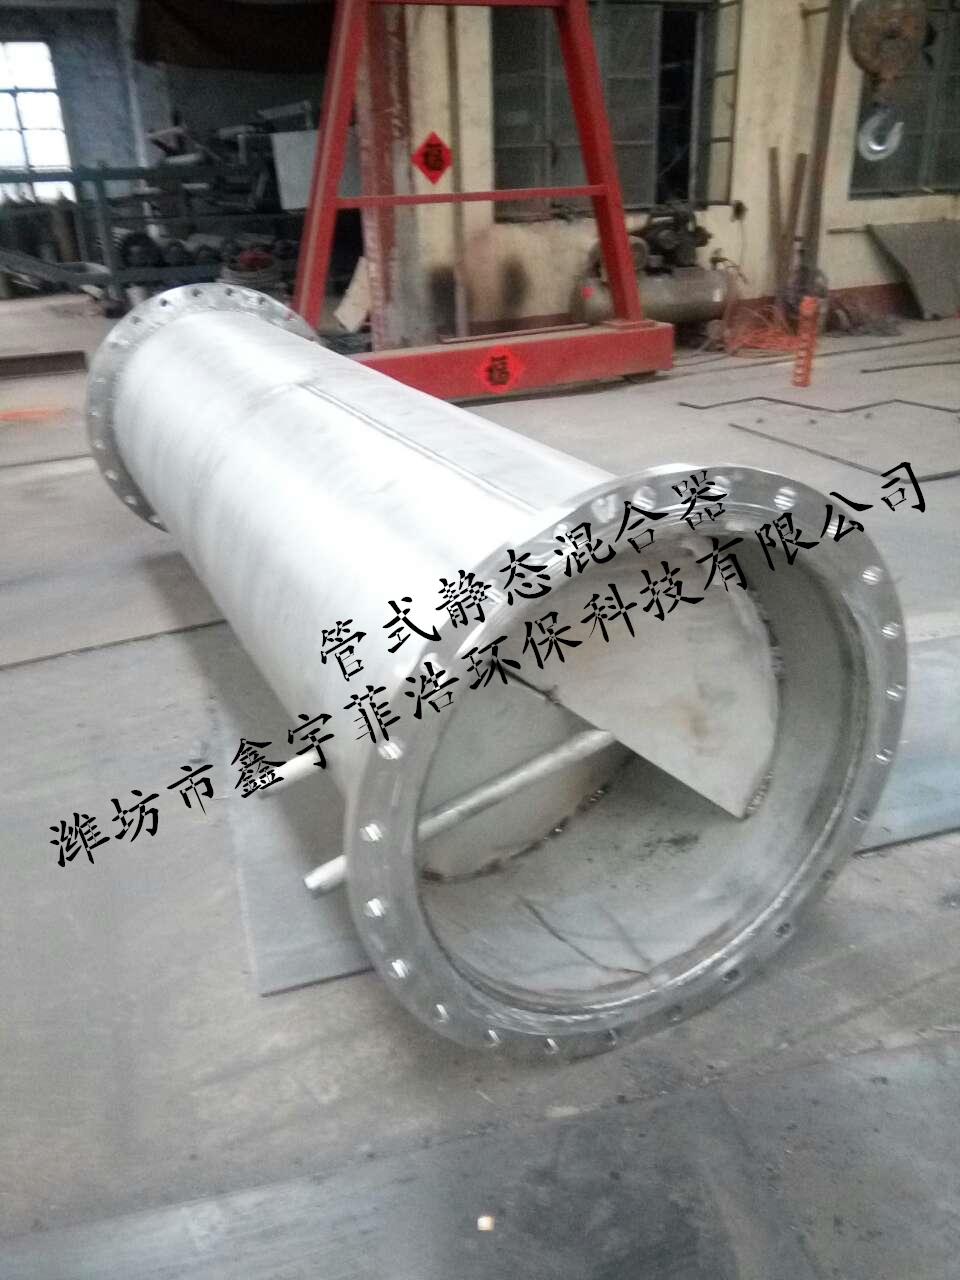 鑫型管道静态混合器 管式静态混合反应器 化工管道混合器